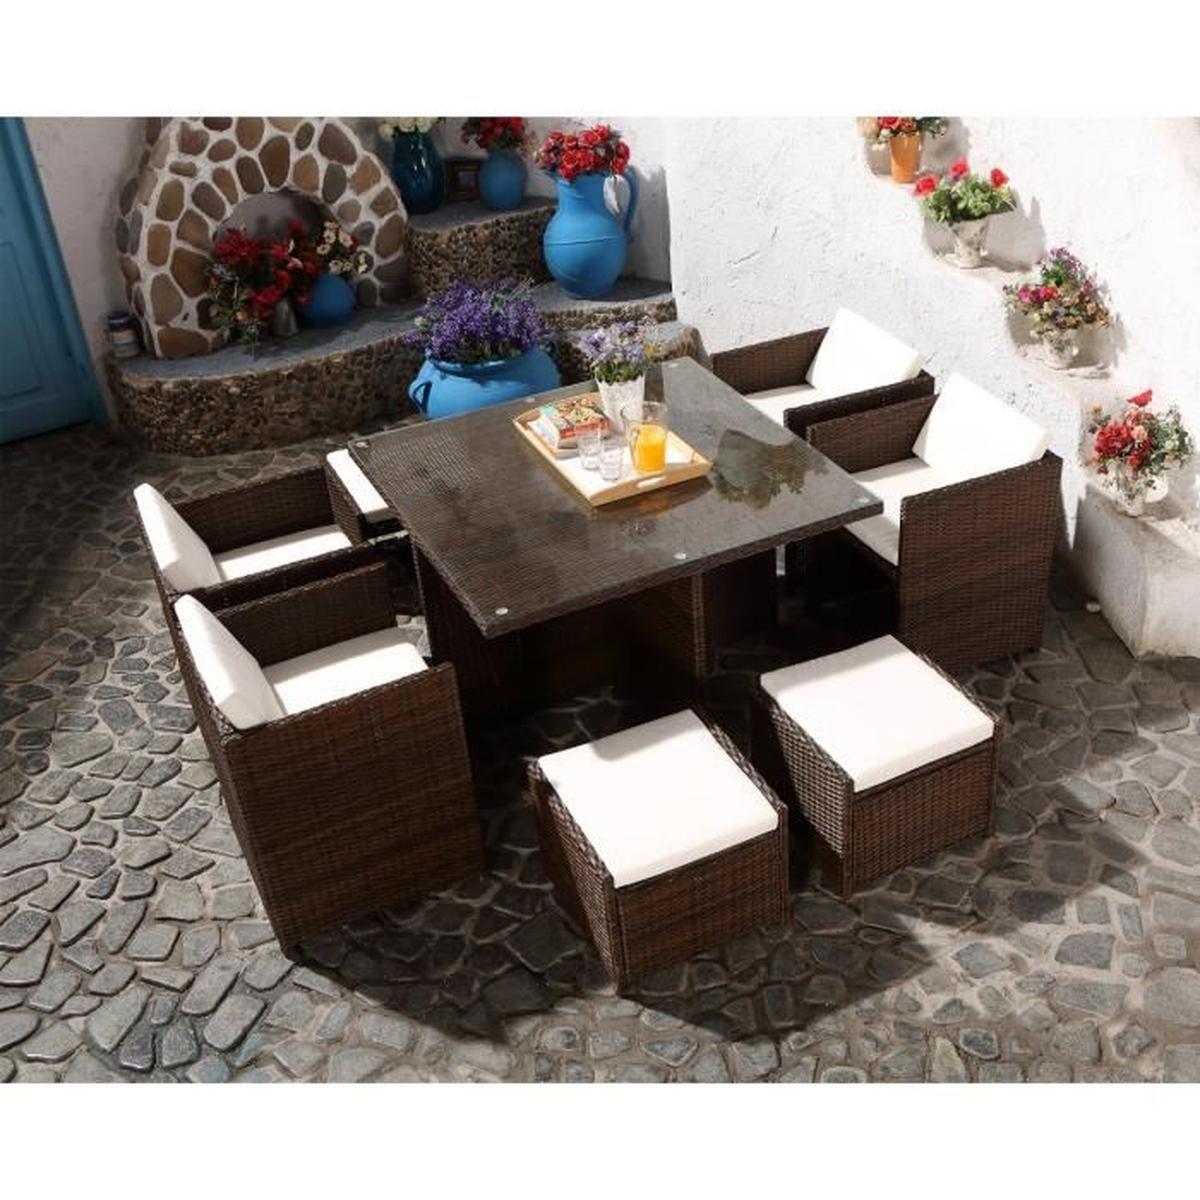 Kudiakof 8 Marron-Blanc : Salon Encastrable 8 Personnes En ... intérieur Cdiscount Salon De Jardin Resine Tressee